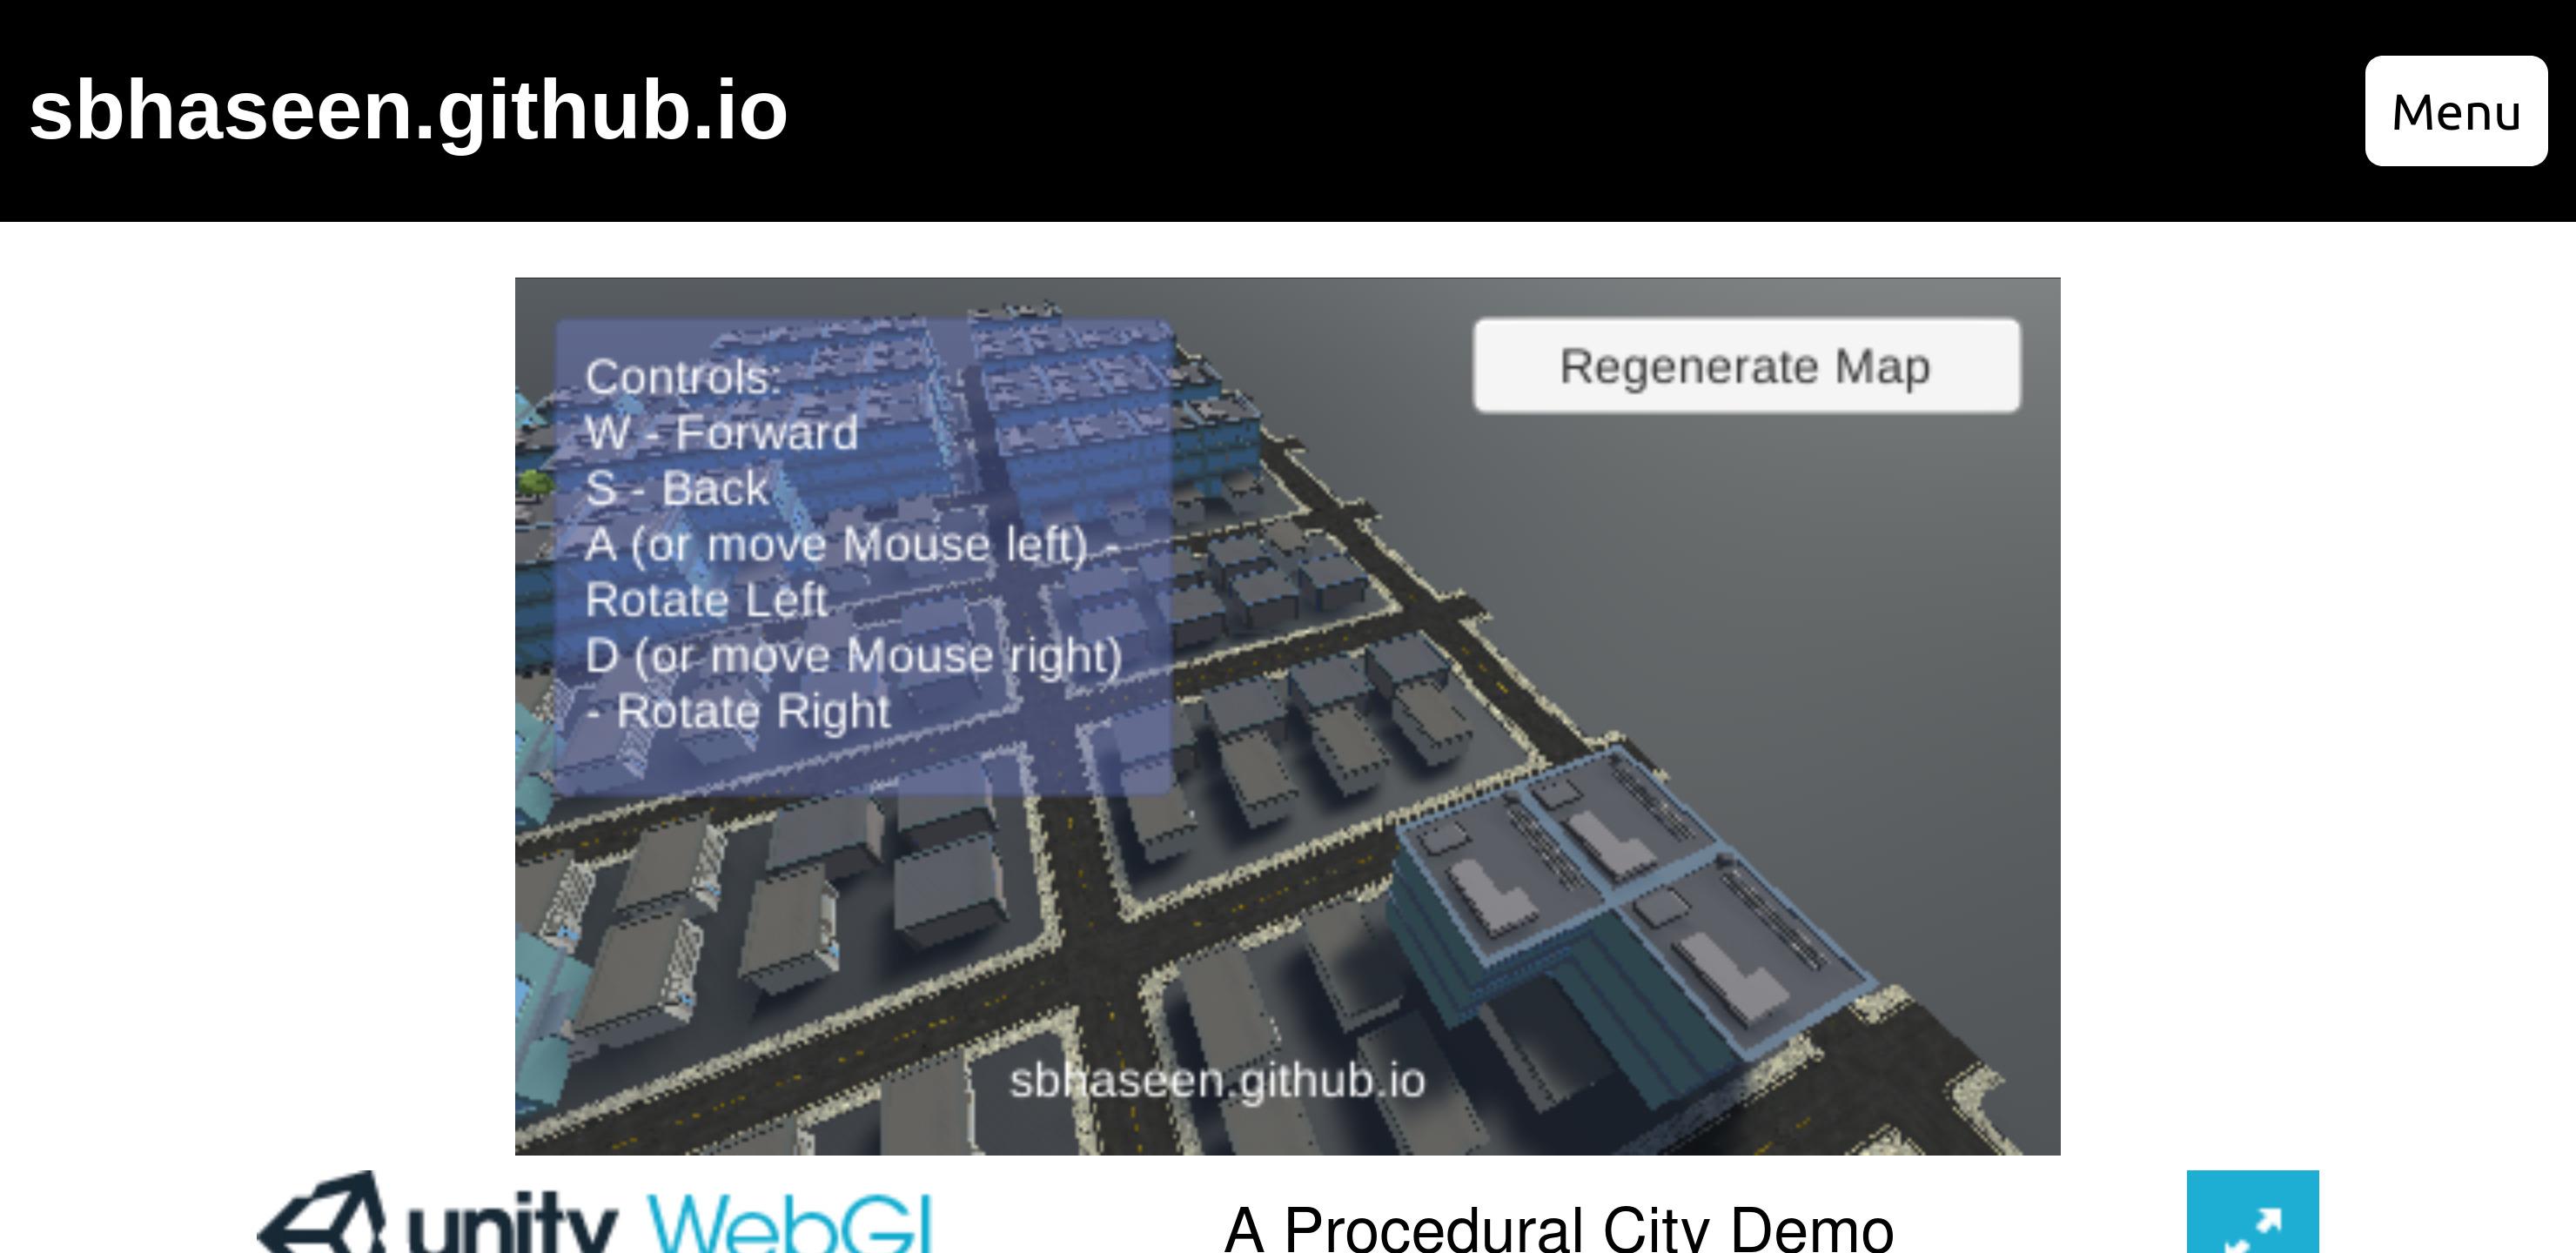 web page screenshot